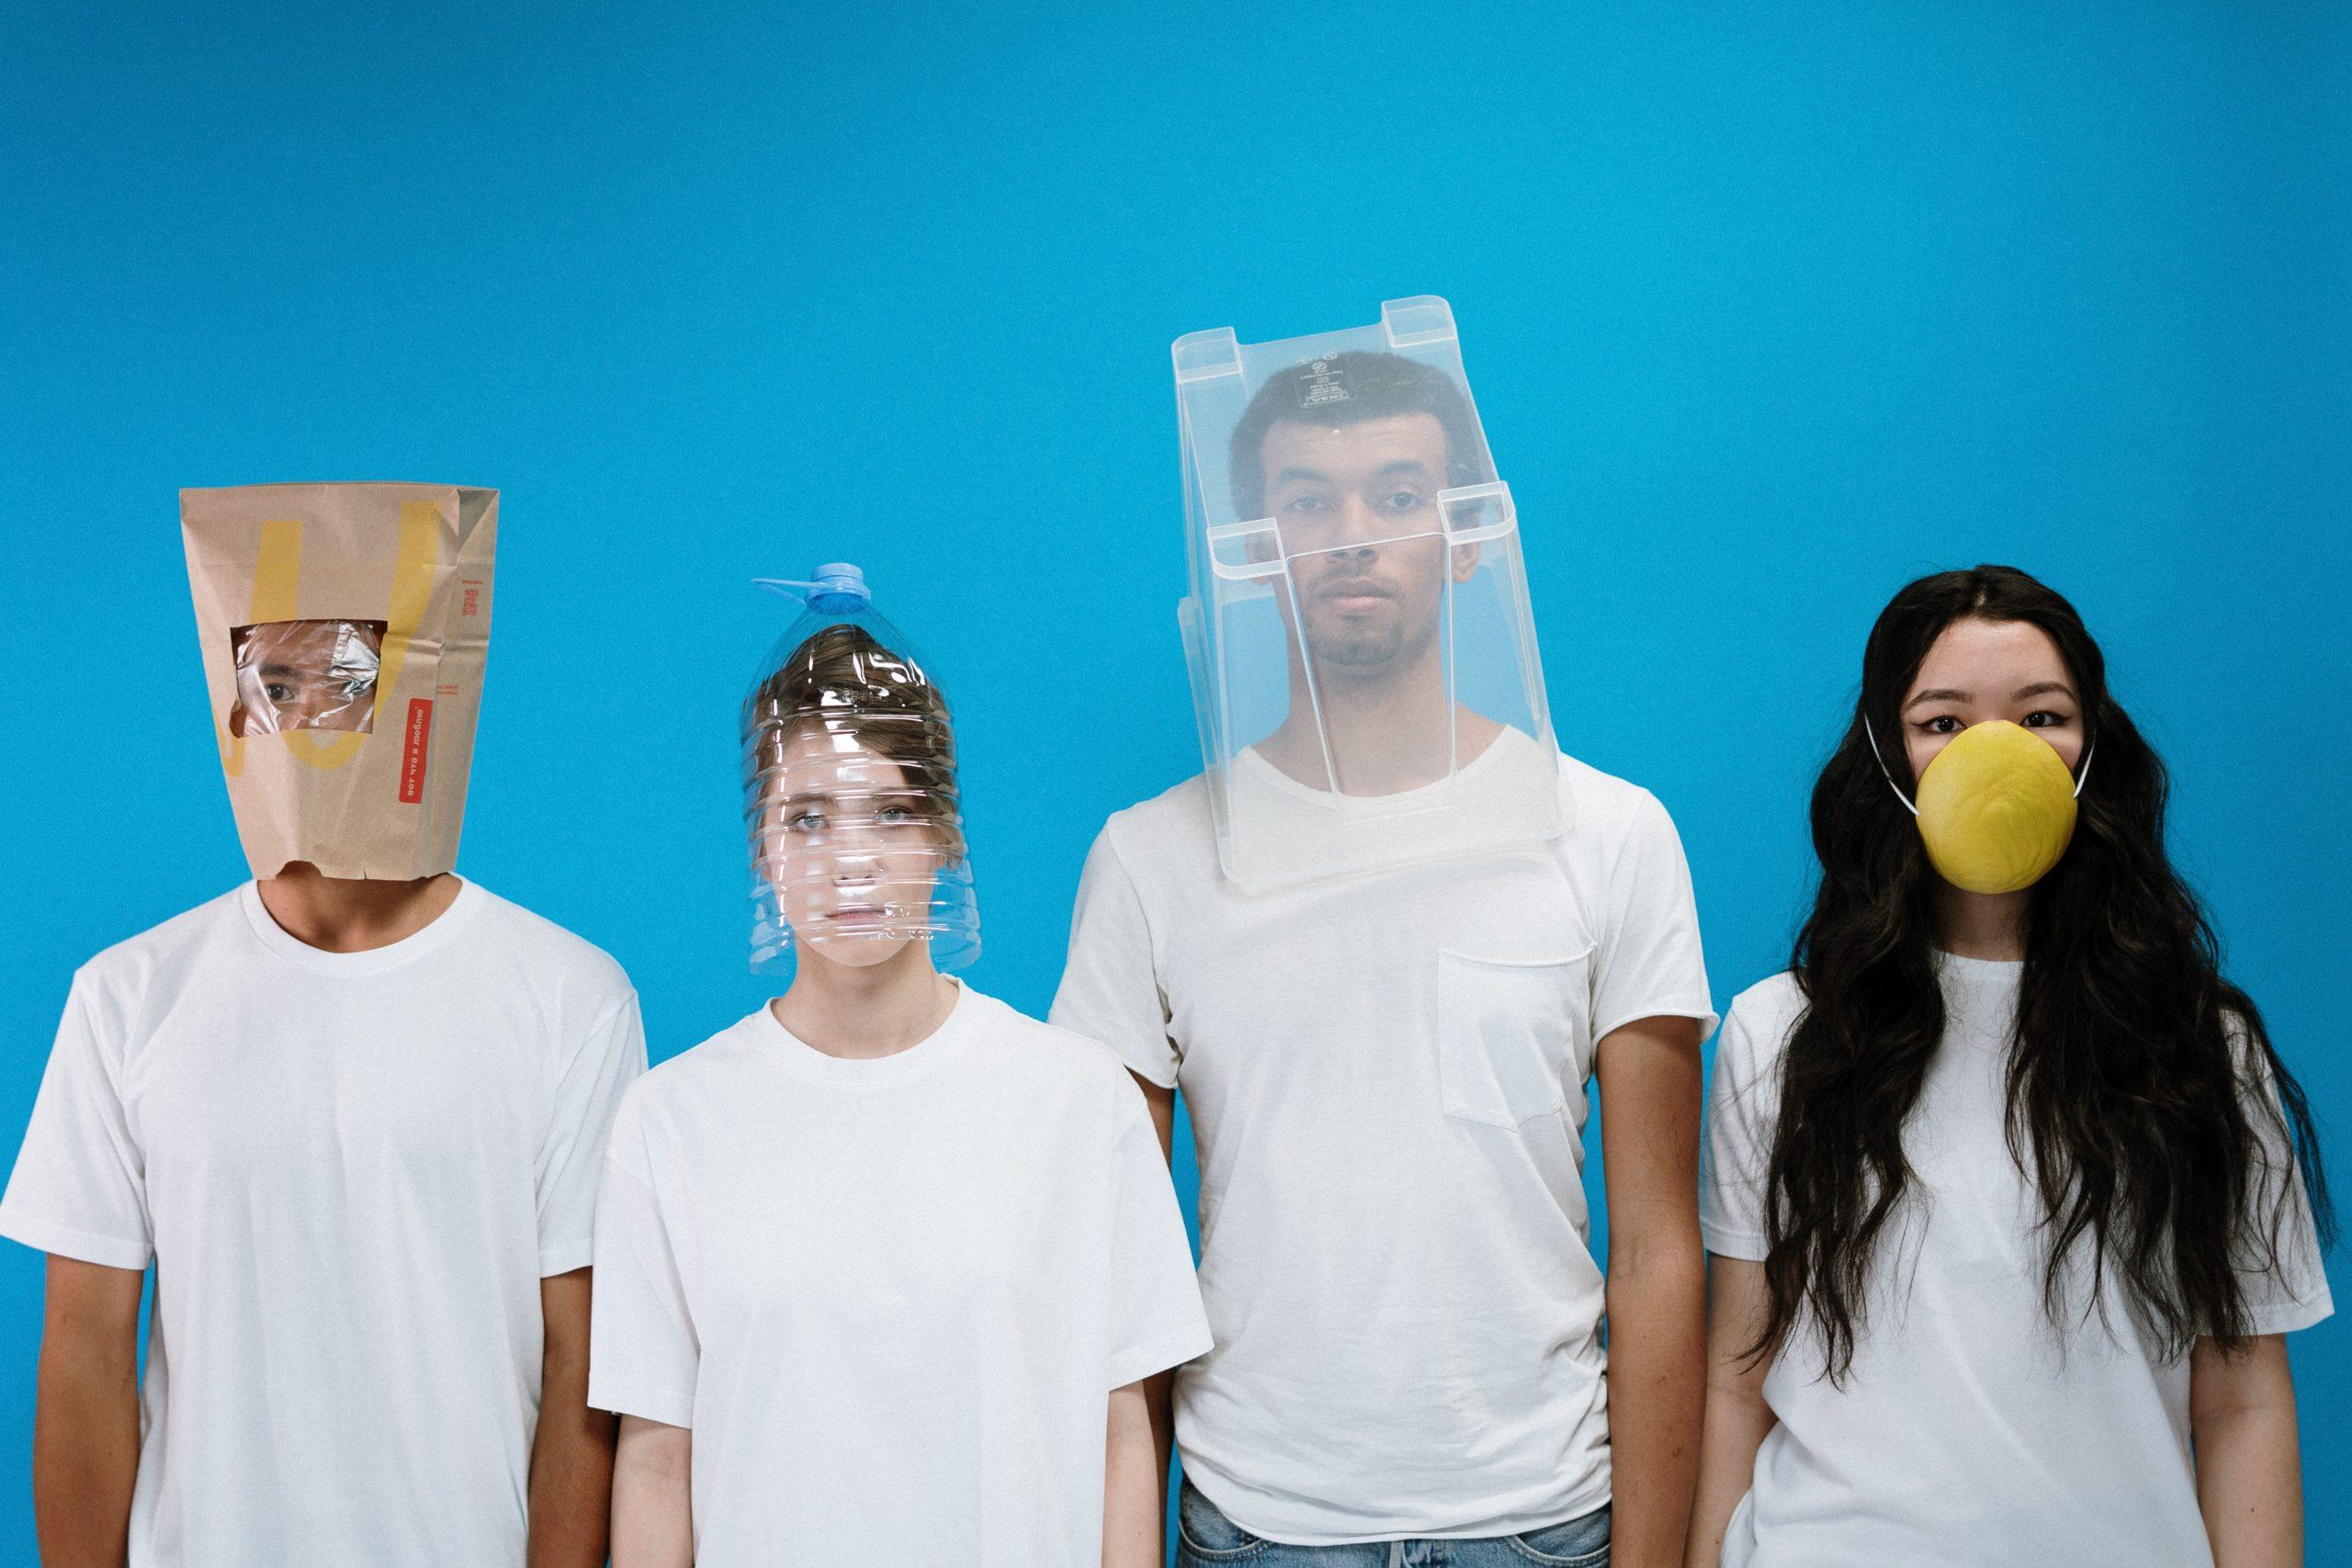 people-wearing-diy-masks-3951623-scaled.jpg